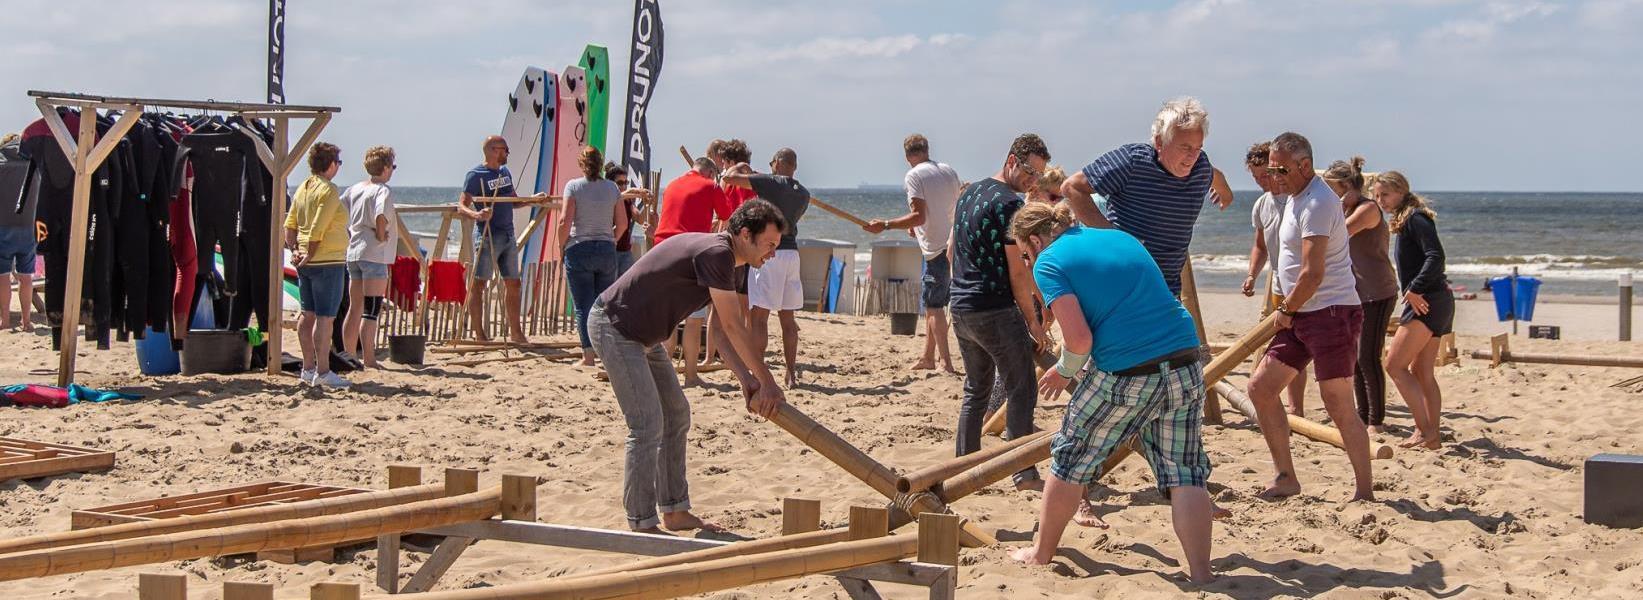 Teambuilding en groepsactiviteiten in Katwijk bij Activiteiten aan Zee